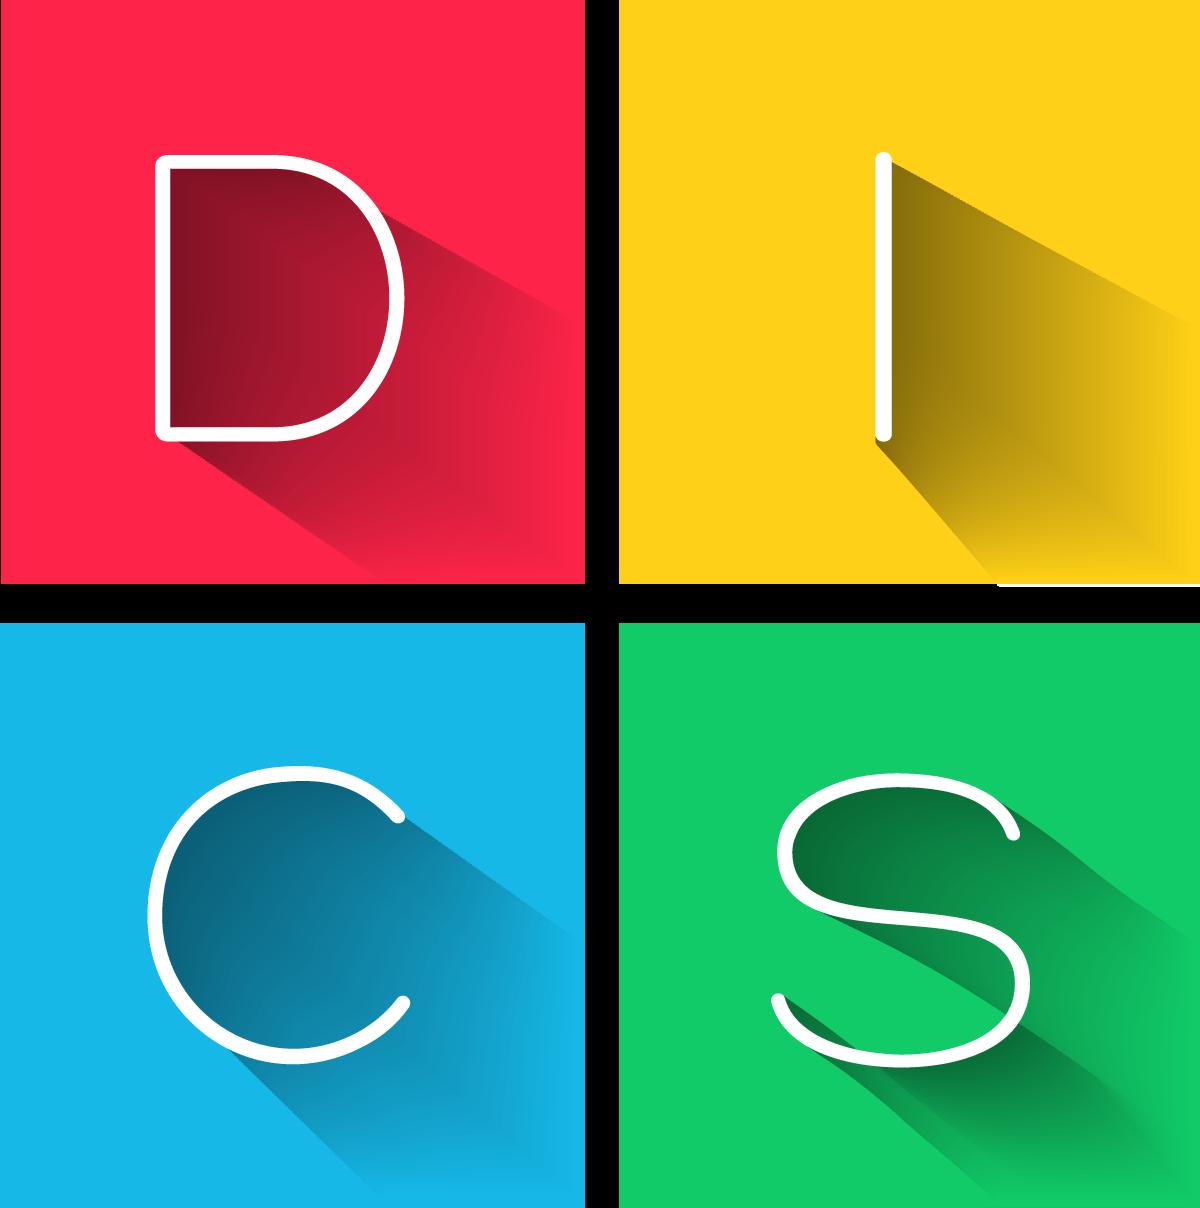 DISC Quadrant graphic